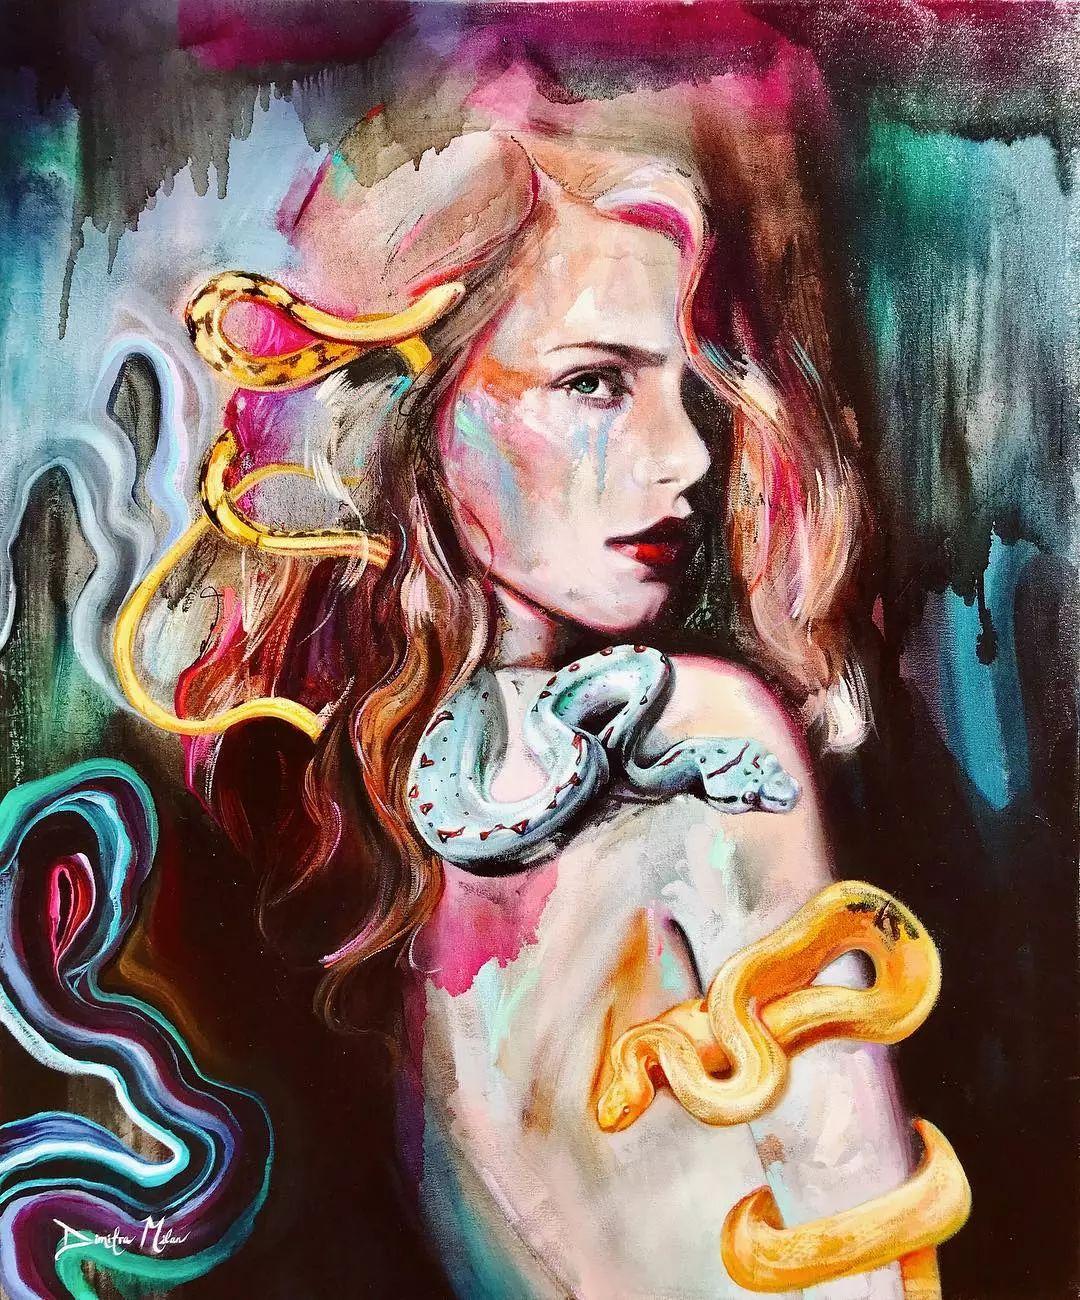 她没上过美院,画作却被世界各地的收藏家争相收藏,16岁卖画赚100万插图46